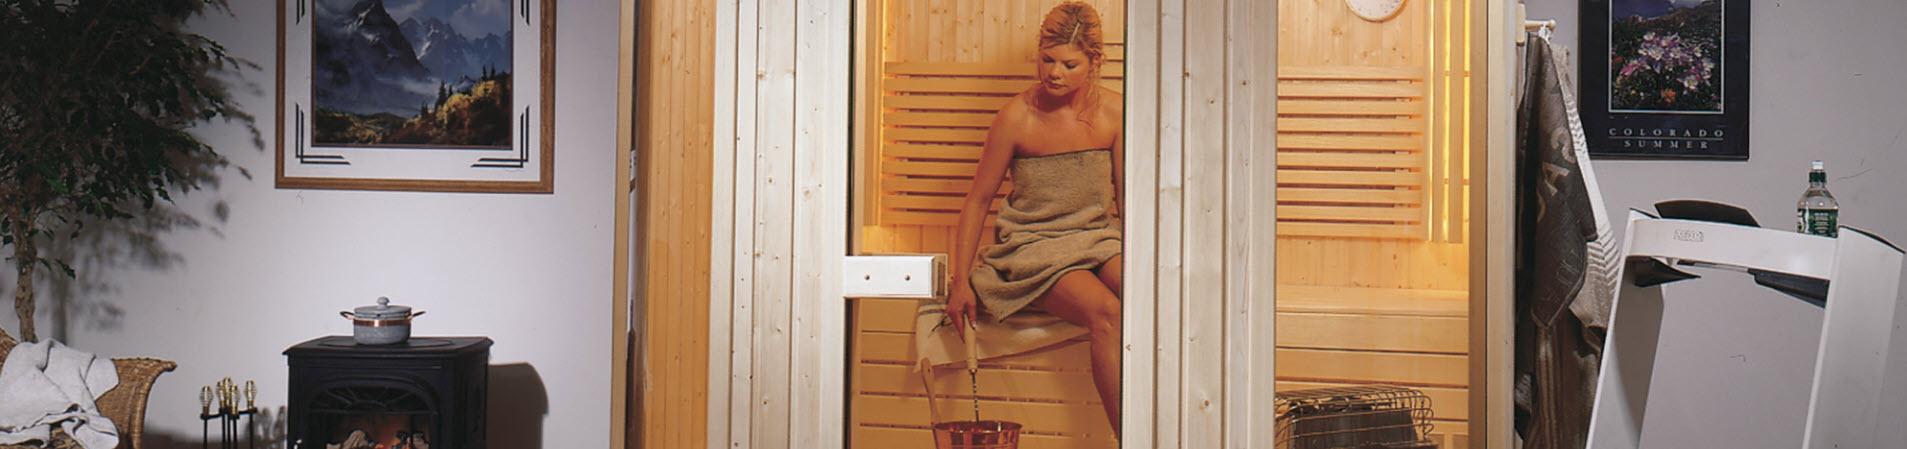 3 Ways to Use a Sauna for Clean Skin, Infrared Sauna Prices Burnsville